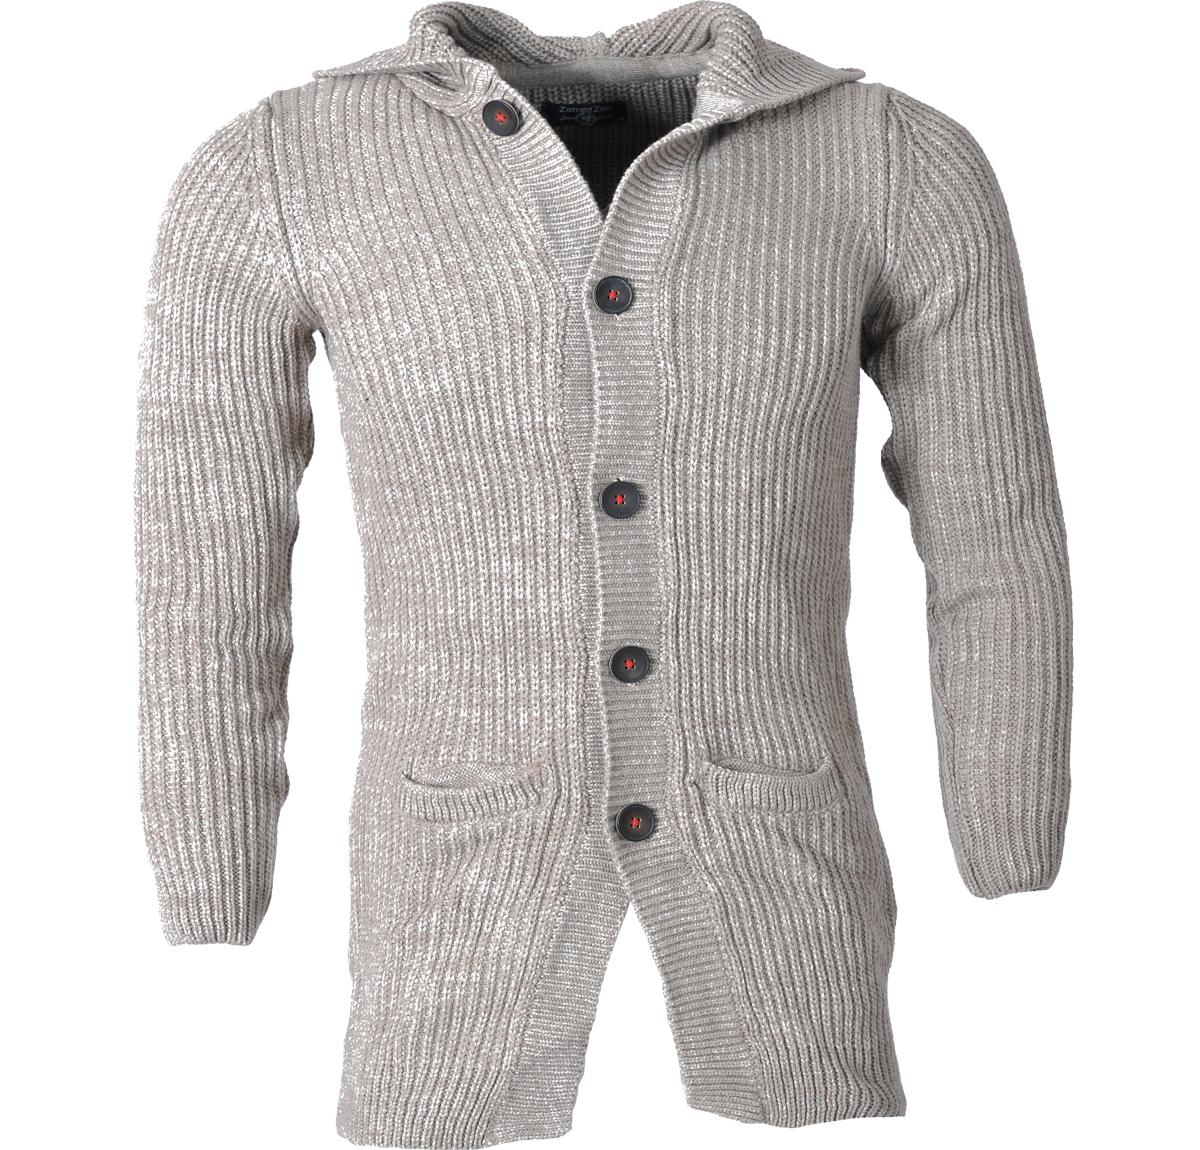 Ανδρική Πλεκτή Μακριά Ζακέτα -Μπεζ αρχική ανδρικά ρούχα ζακέτες